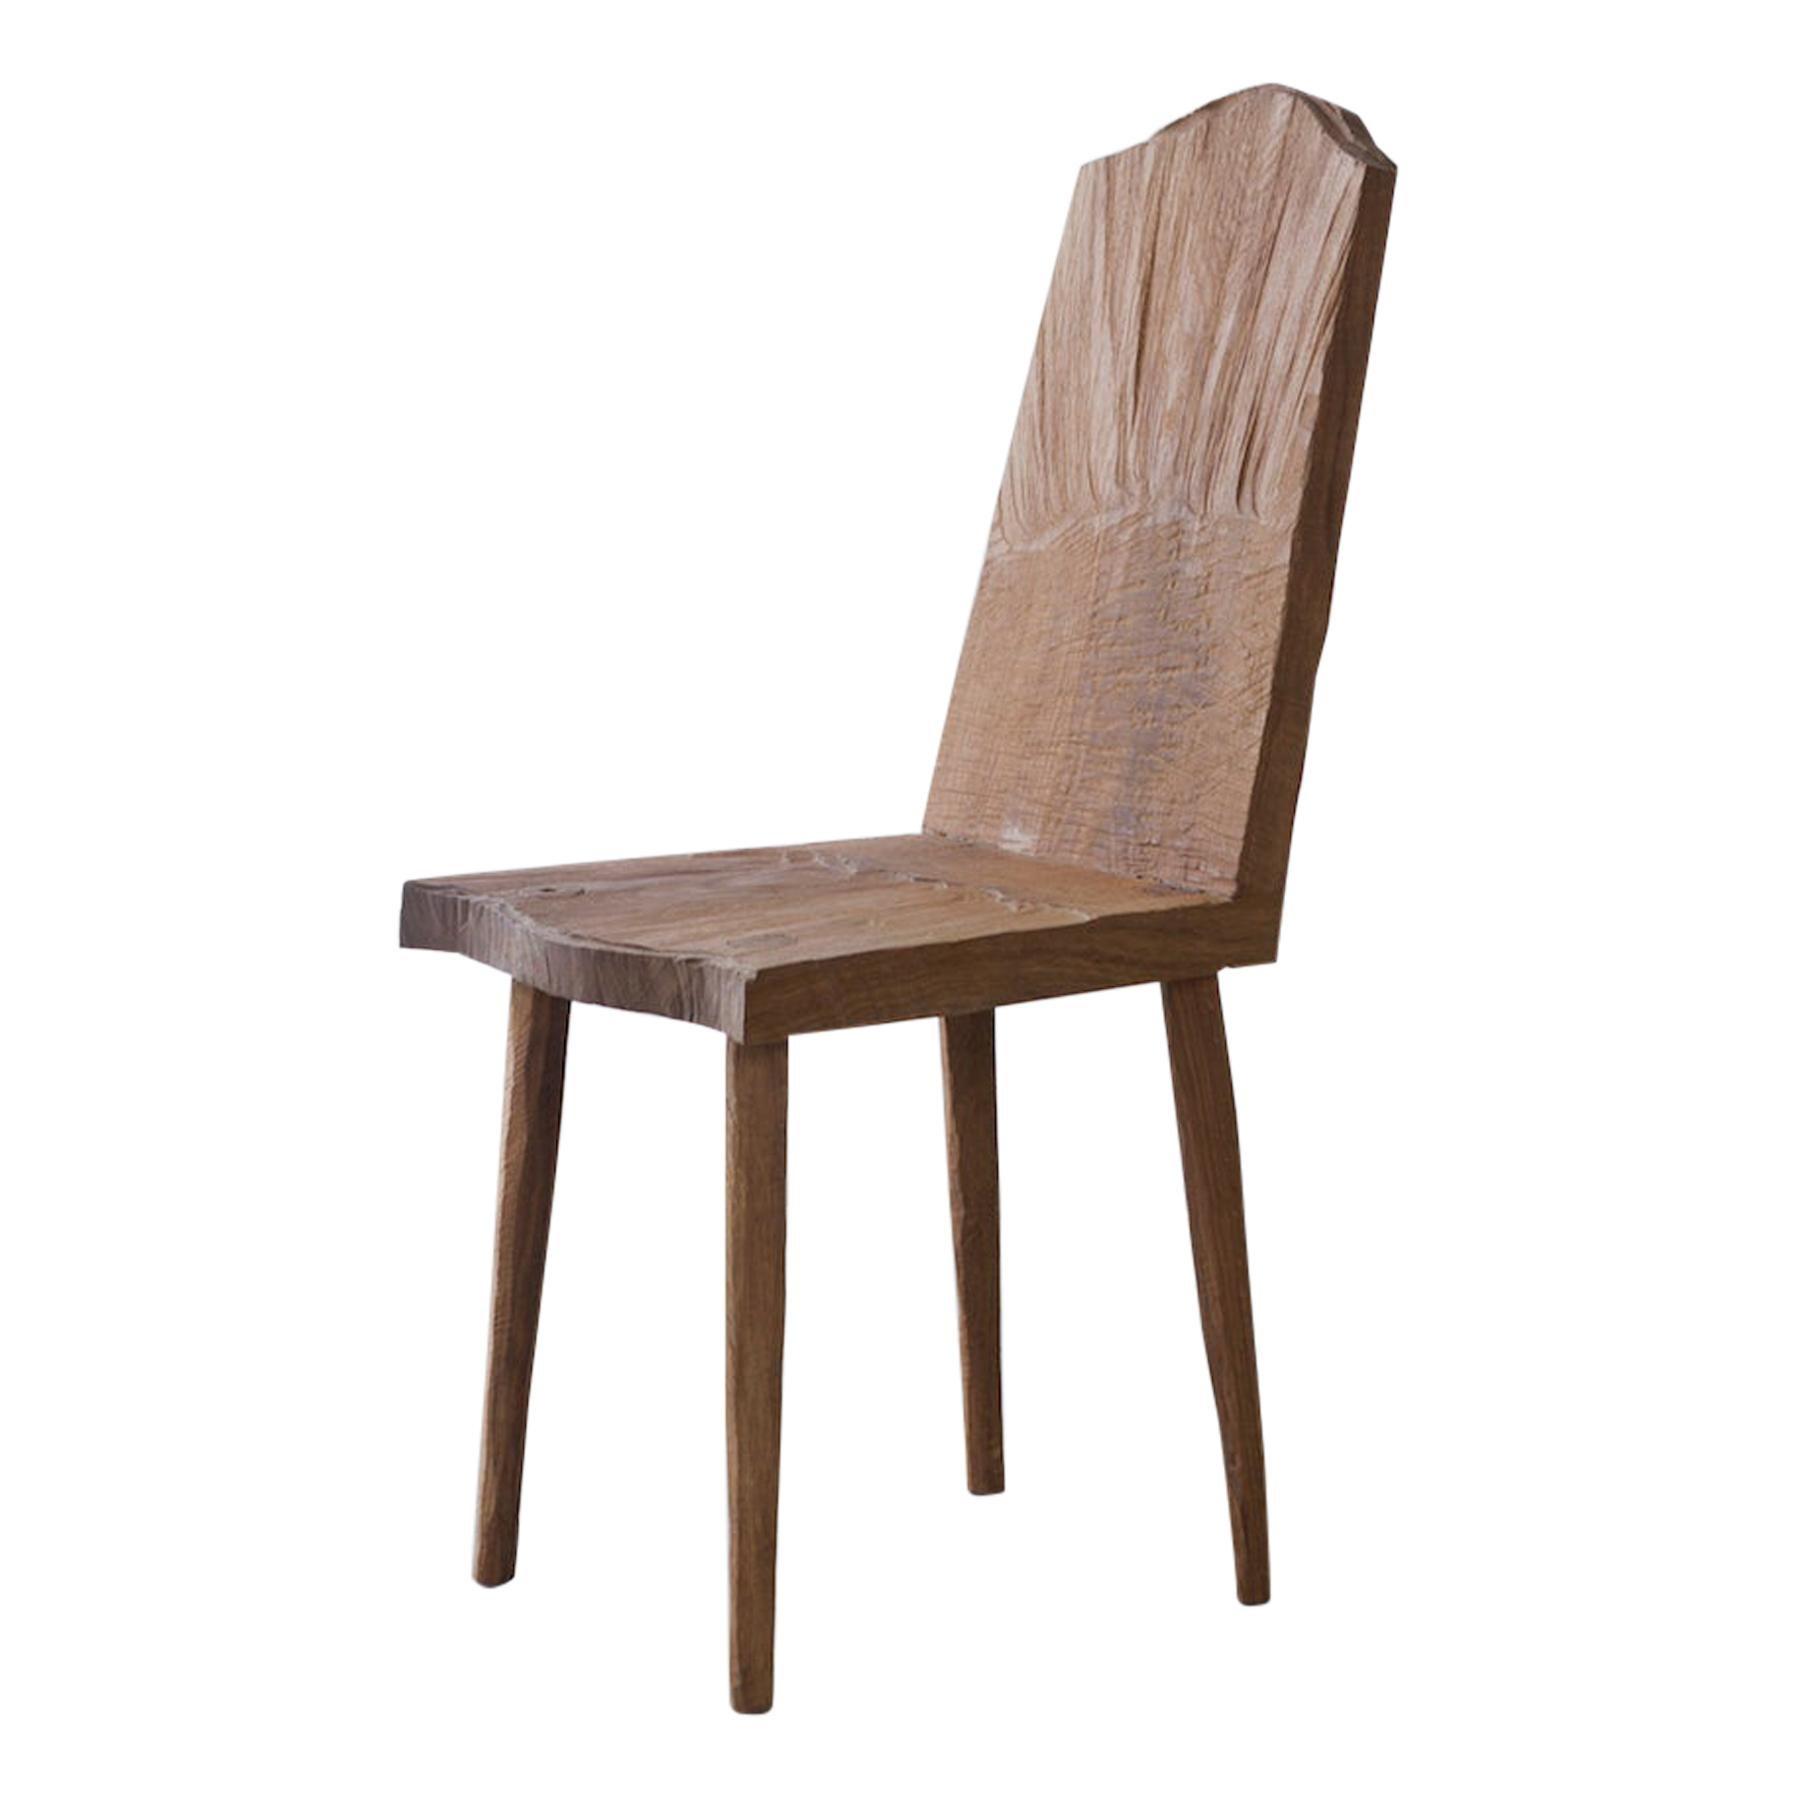 Sculpted Chair N1 in Solid Oak Wood